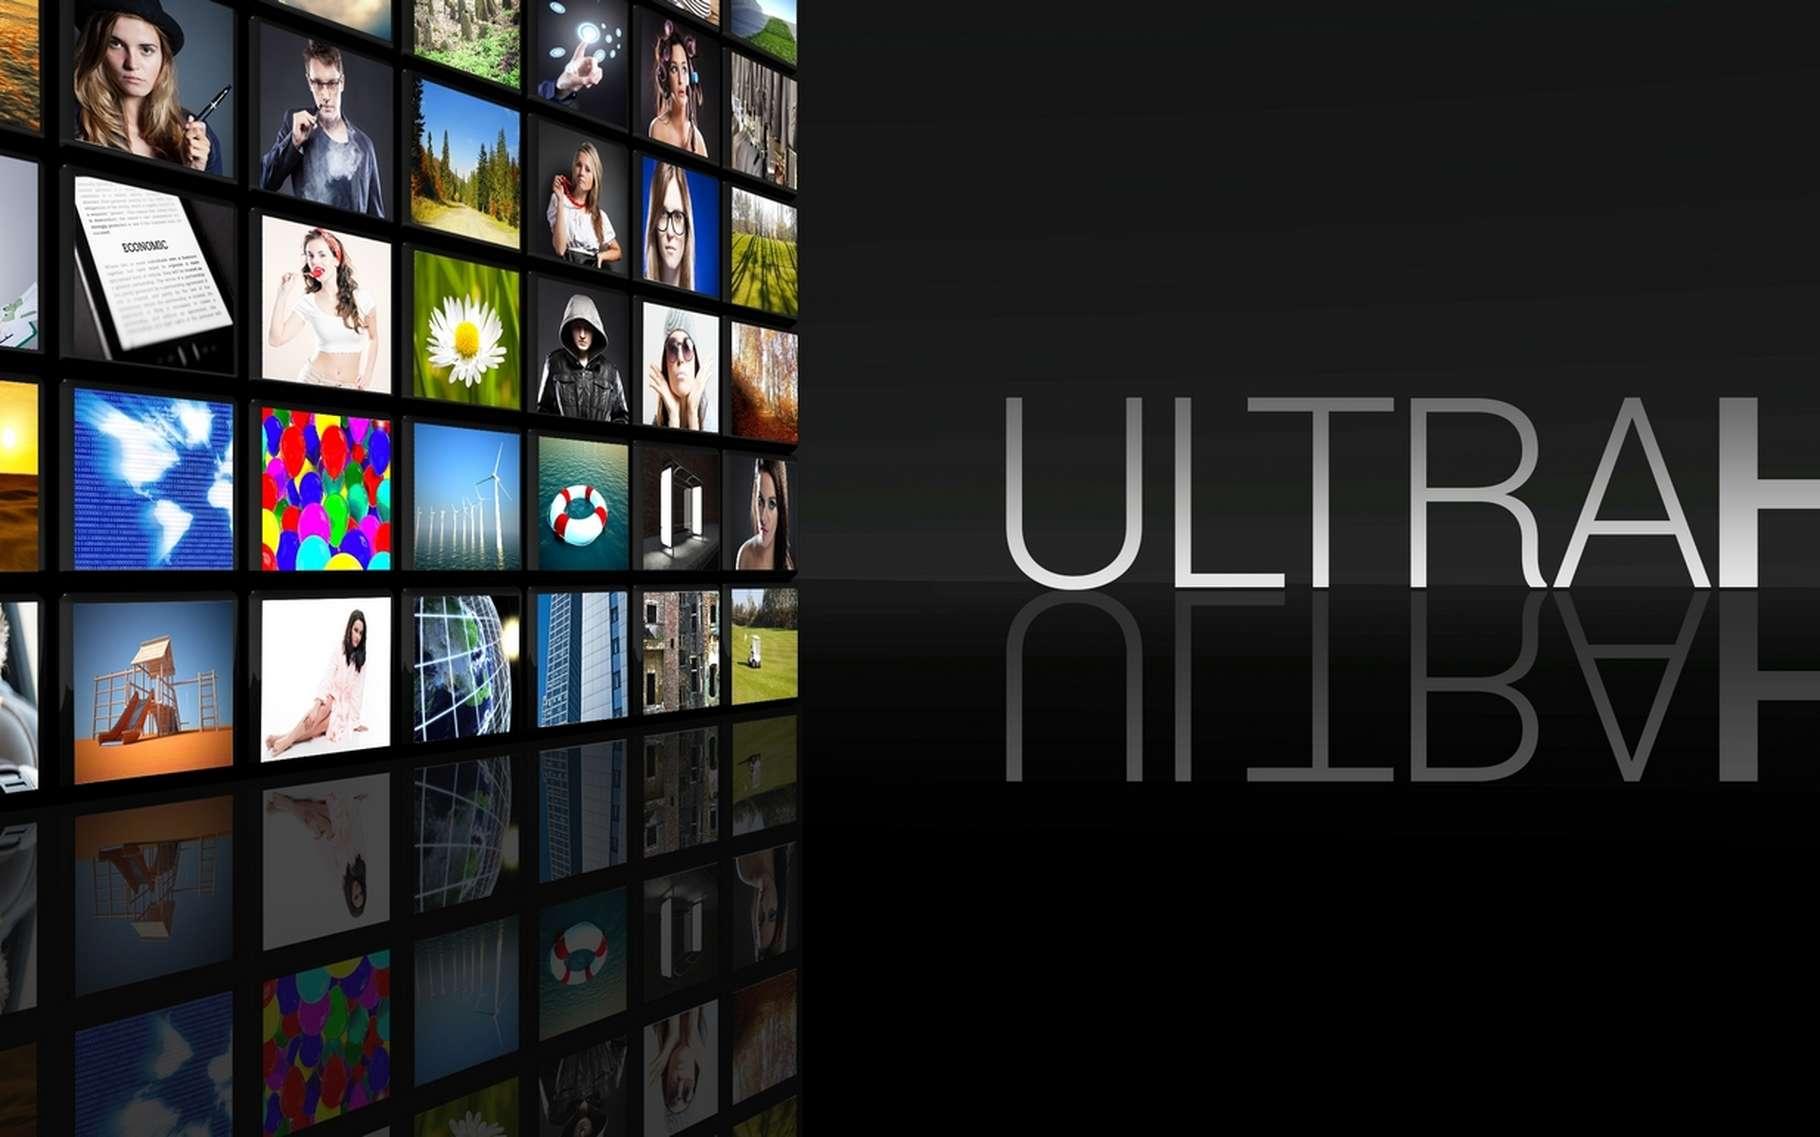 L'ultra HD désigne une image contenant plus de 8 millions de pixels. © Leszek Glasner, Shutterstock